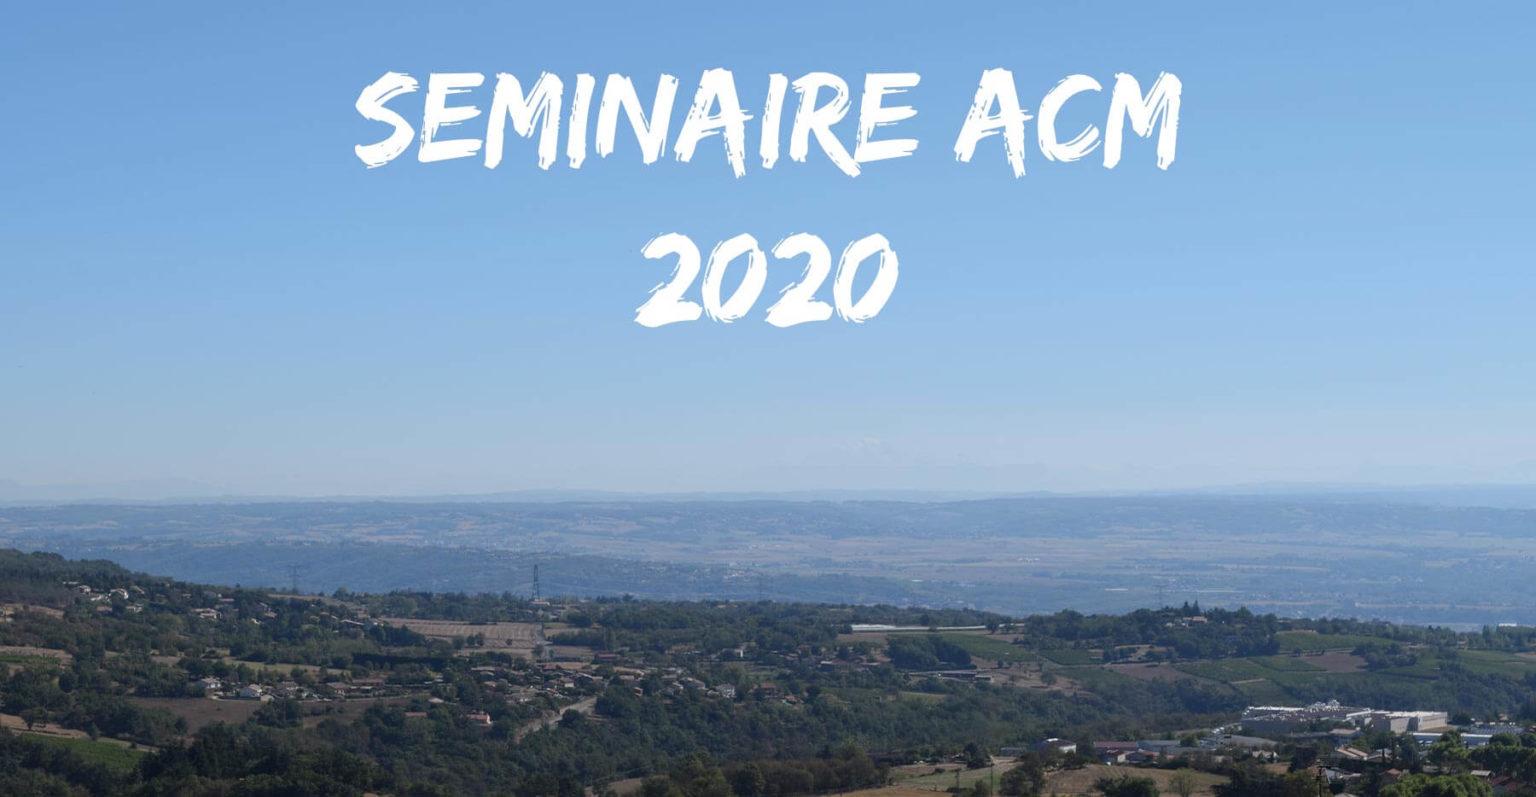 seminaire-2020-ACM